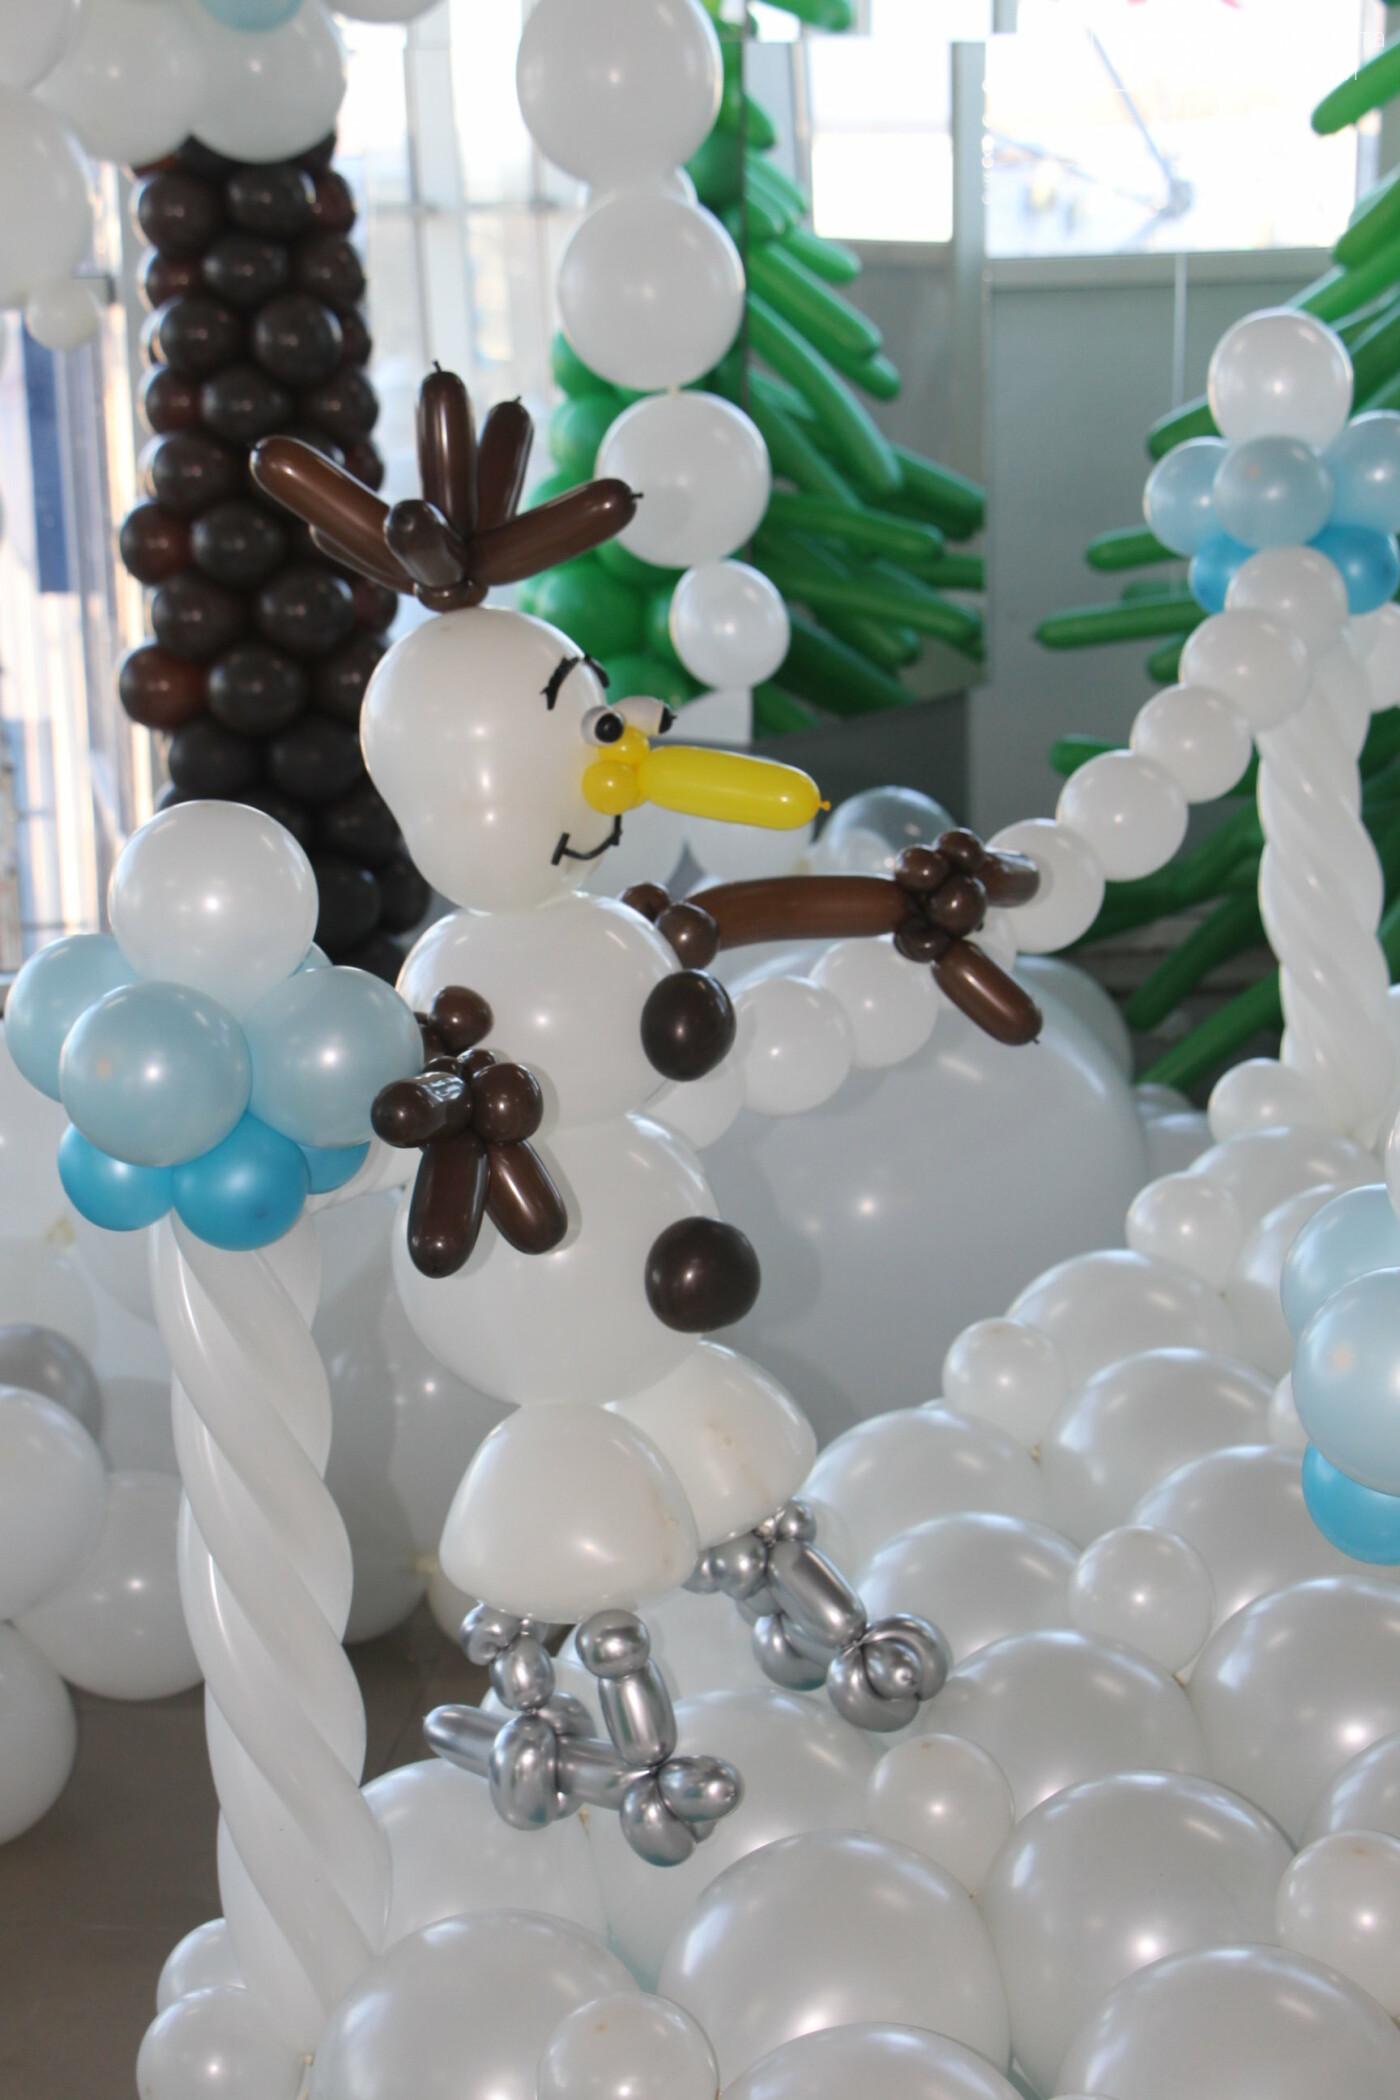 У Полтаві для дітей влаштували «Зимову казку» з повітряних кульок (ФОТО), фото-9